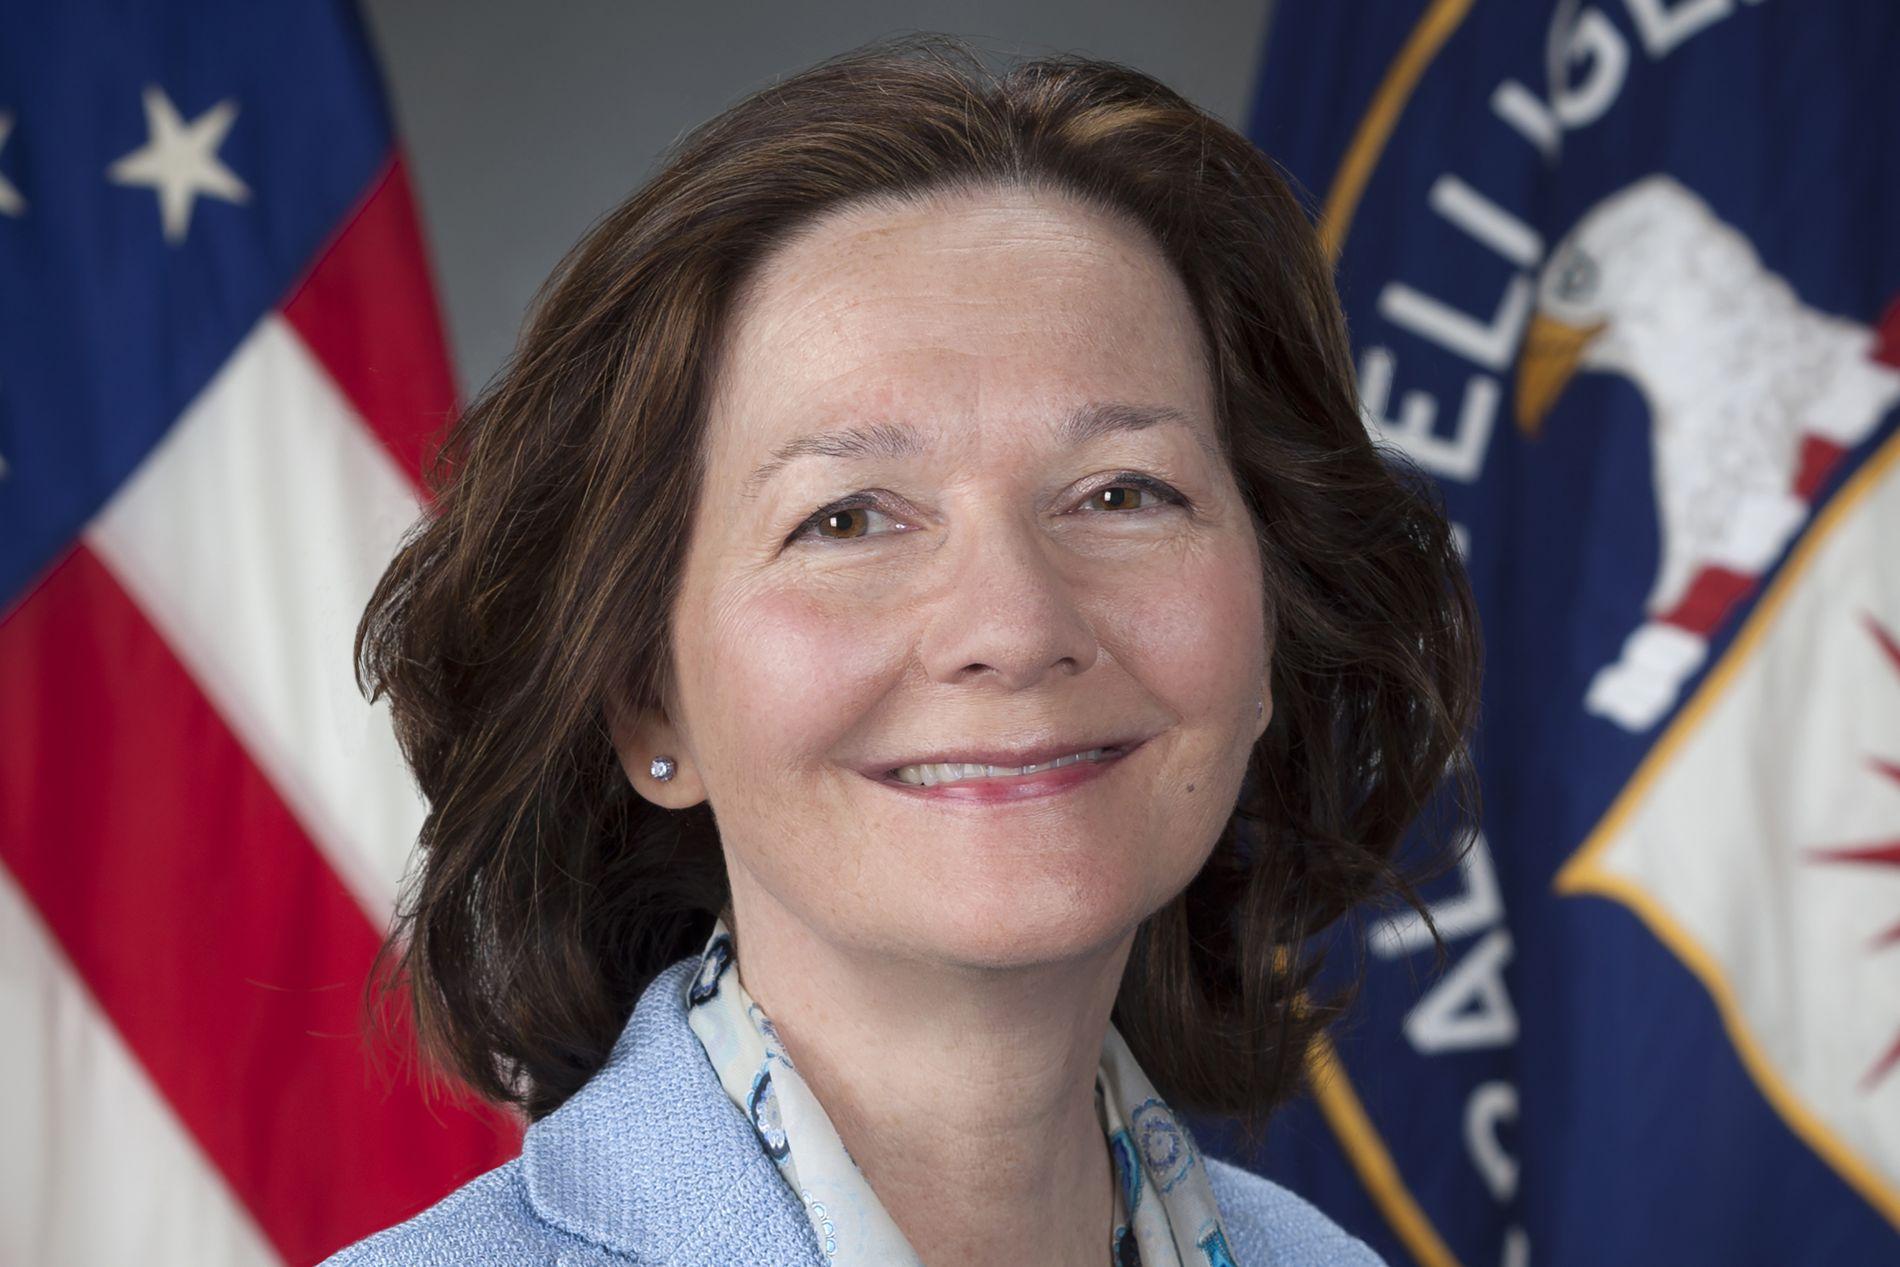 OMDISKUTERT: Gina Haspel blir omtalt som en respektert og erfaren etterretningsoffiser. Samtidig skal hun ha tilknytning til bruken av brutale avhørsteknikker og tortur innad i CIA.